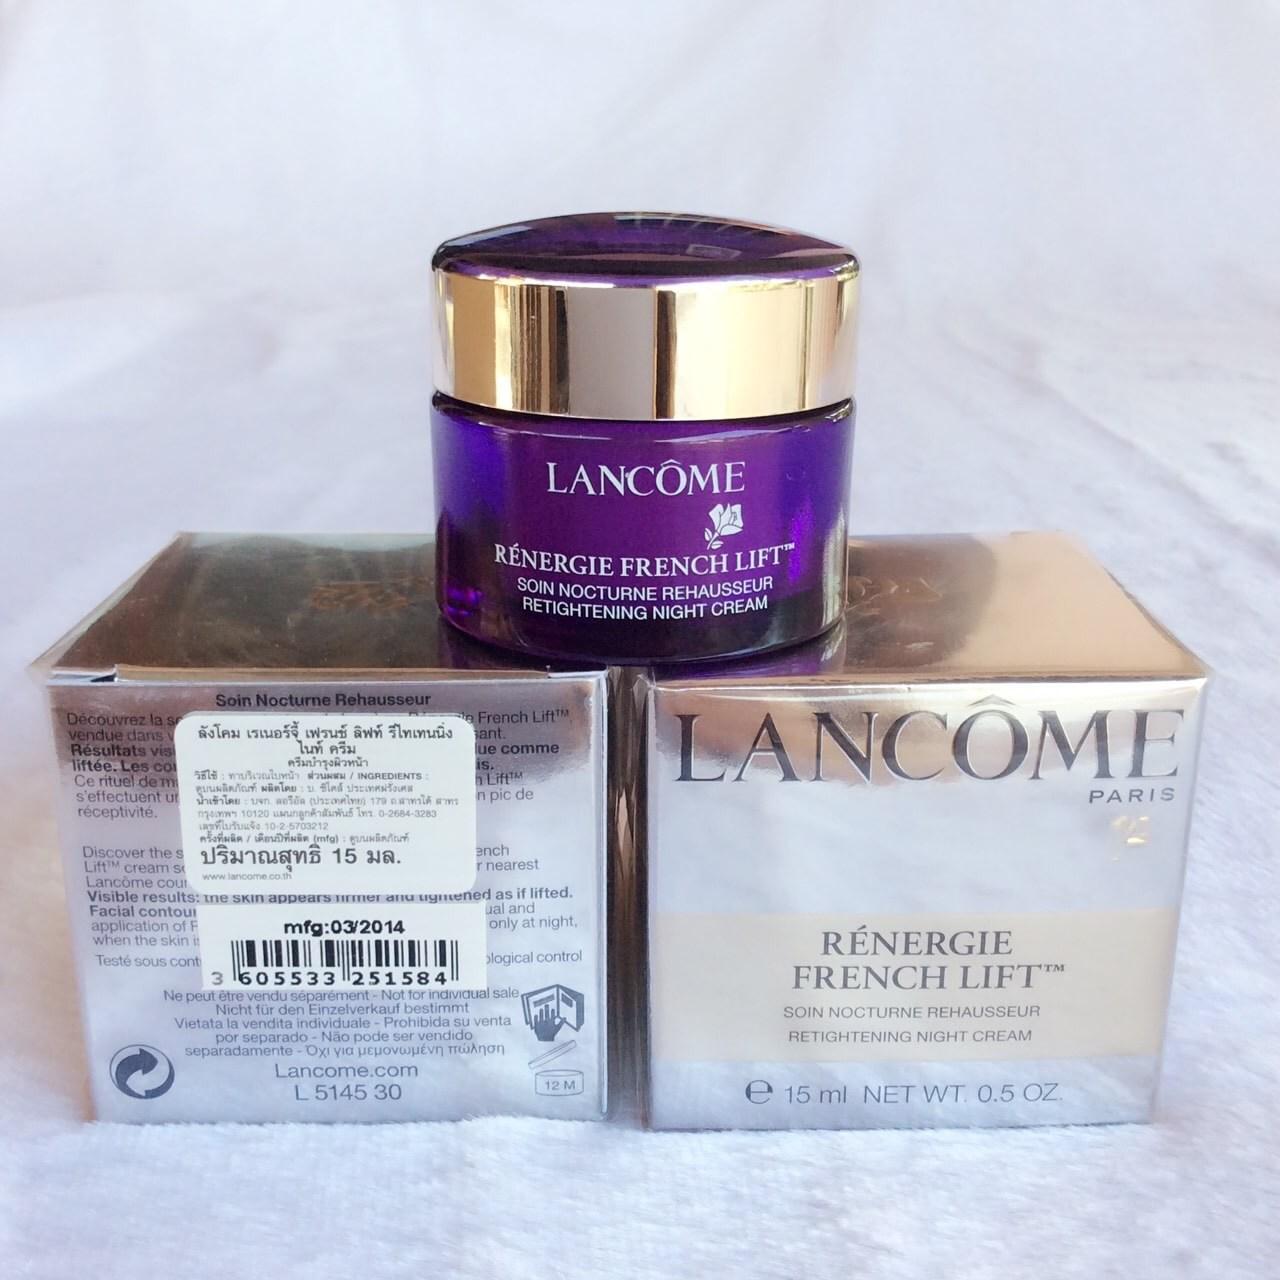 Lancome Renergie FRENCH Lift Retightening Night Cream 15 ml.